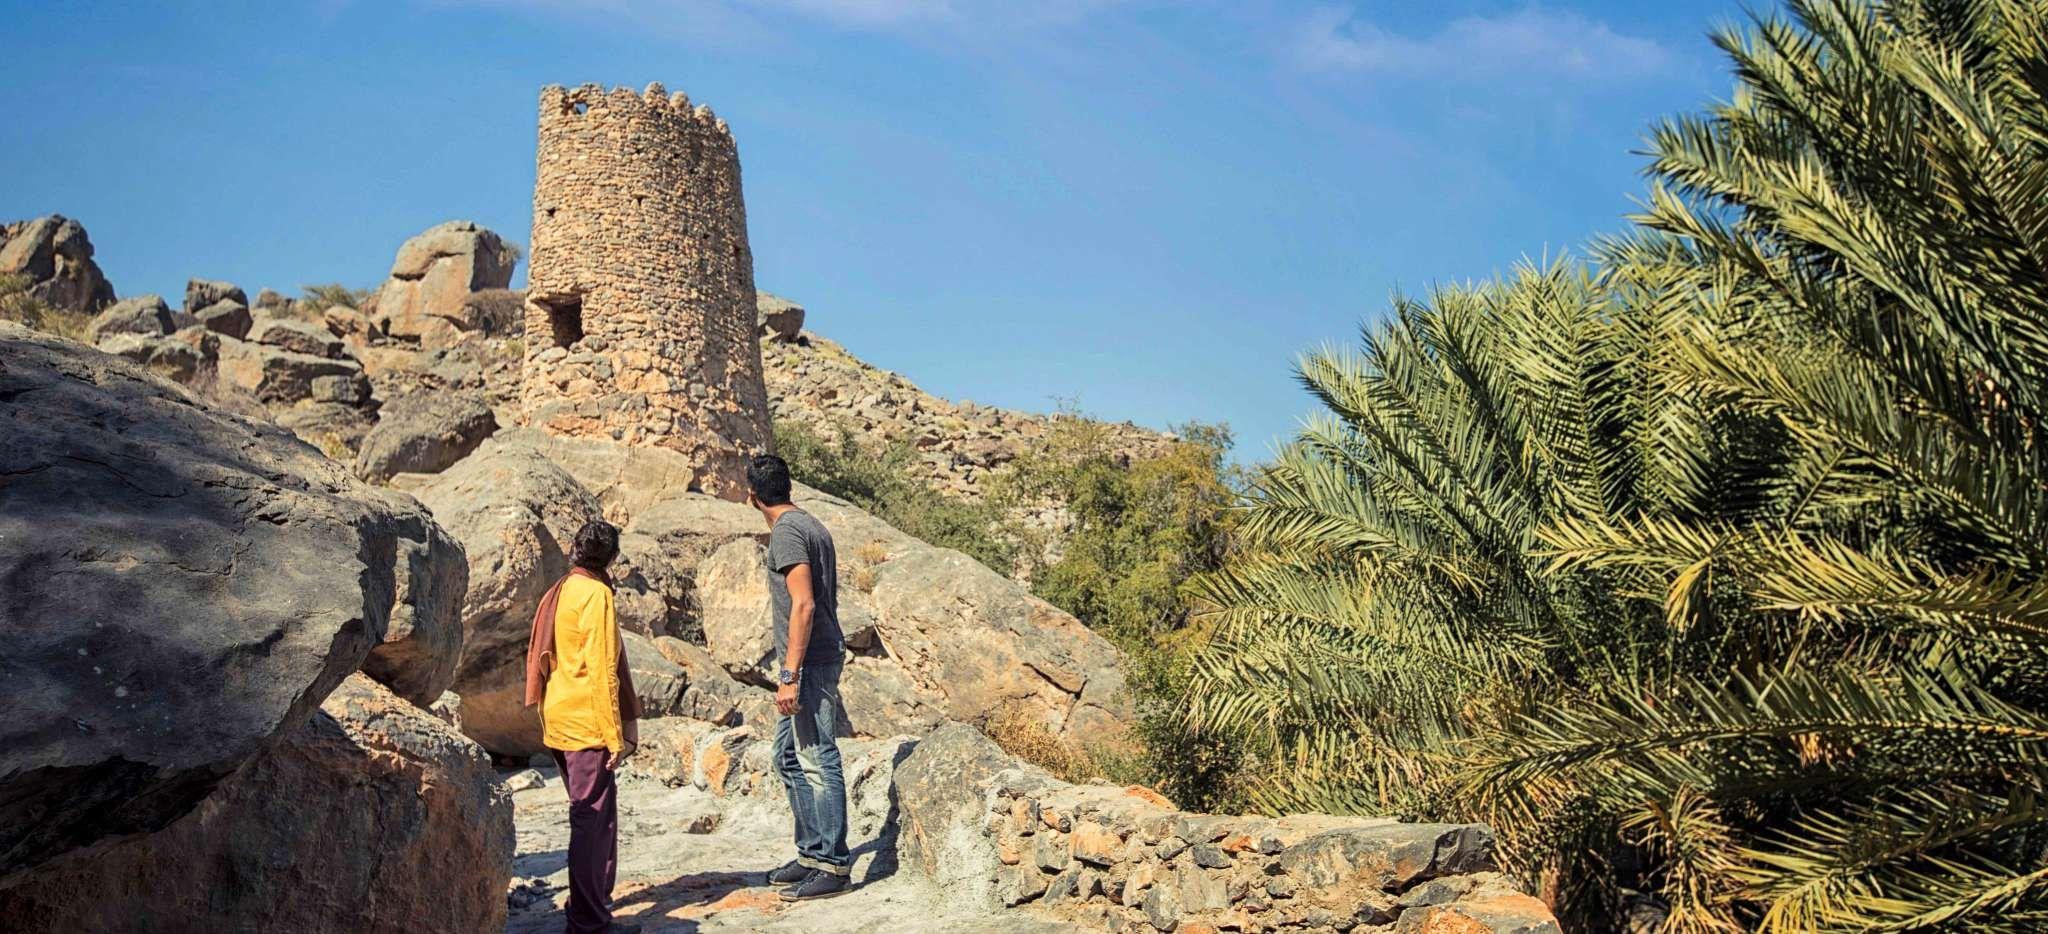 Paar betrachtet einen verfallenen Steinturm auf einem Berg im Dorf Misfat im Oman